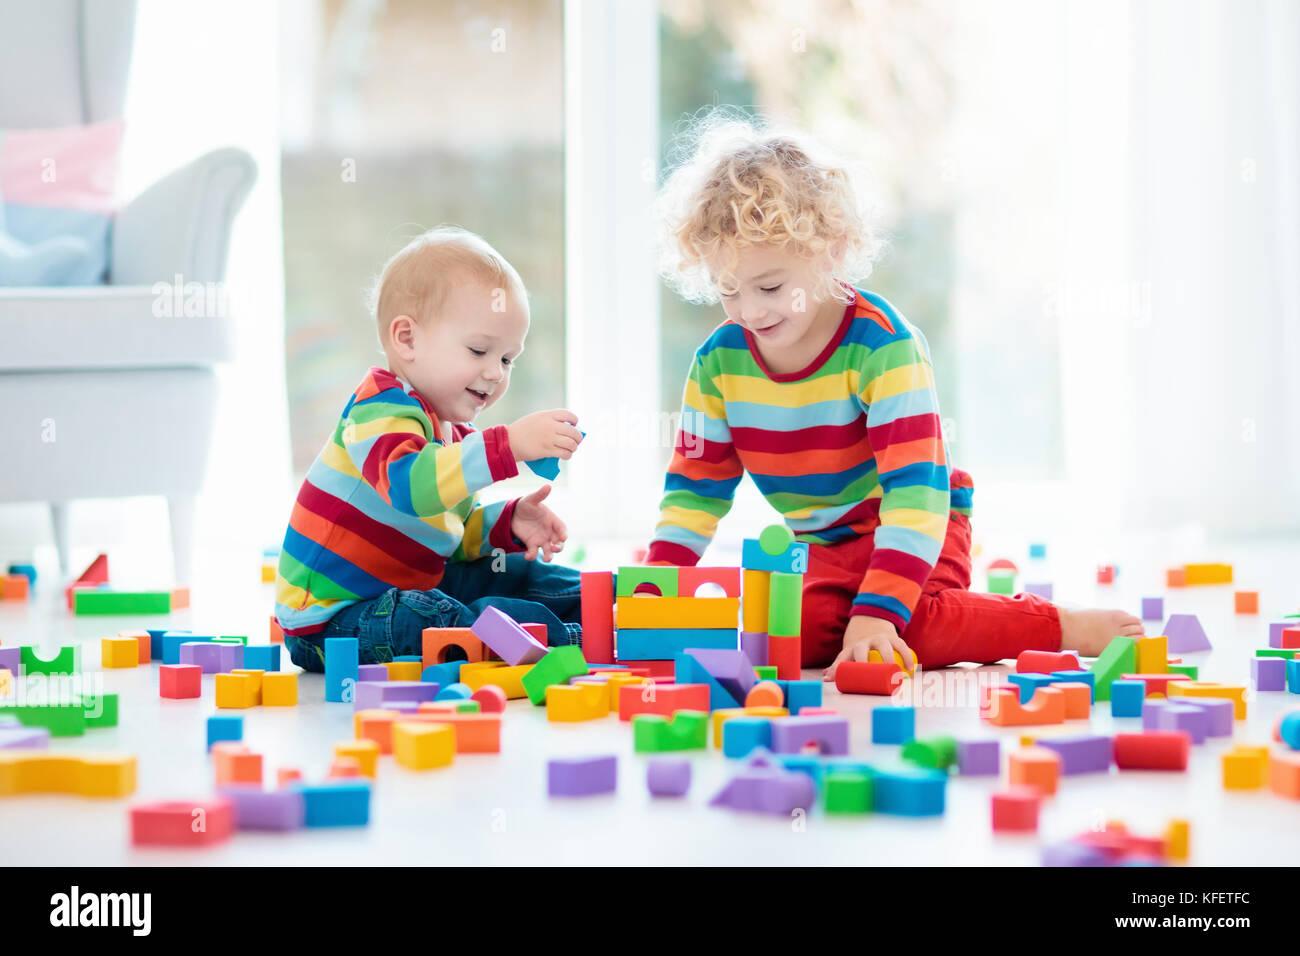 con che giocattolipedagogica elementari dei Bambini giocano di particelle le legno 4L5ARcjq3